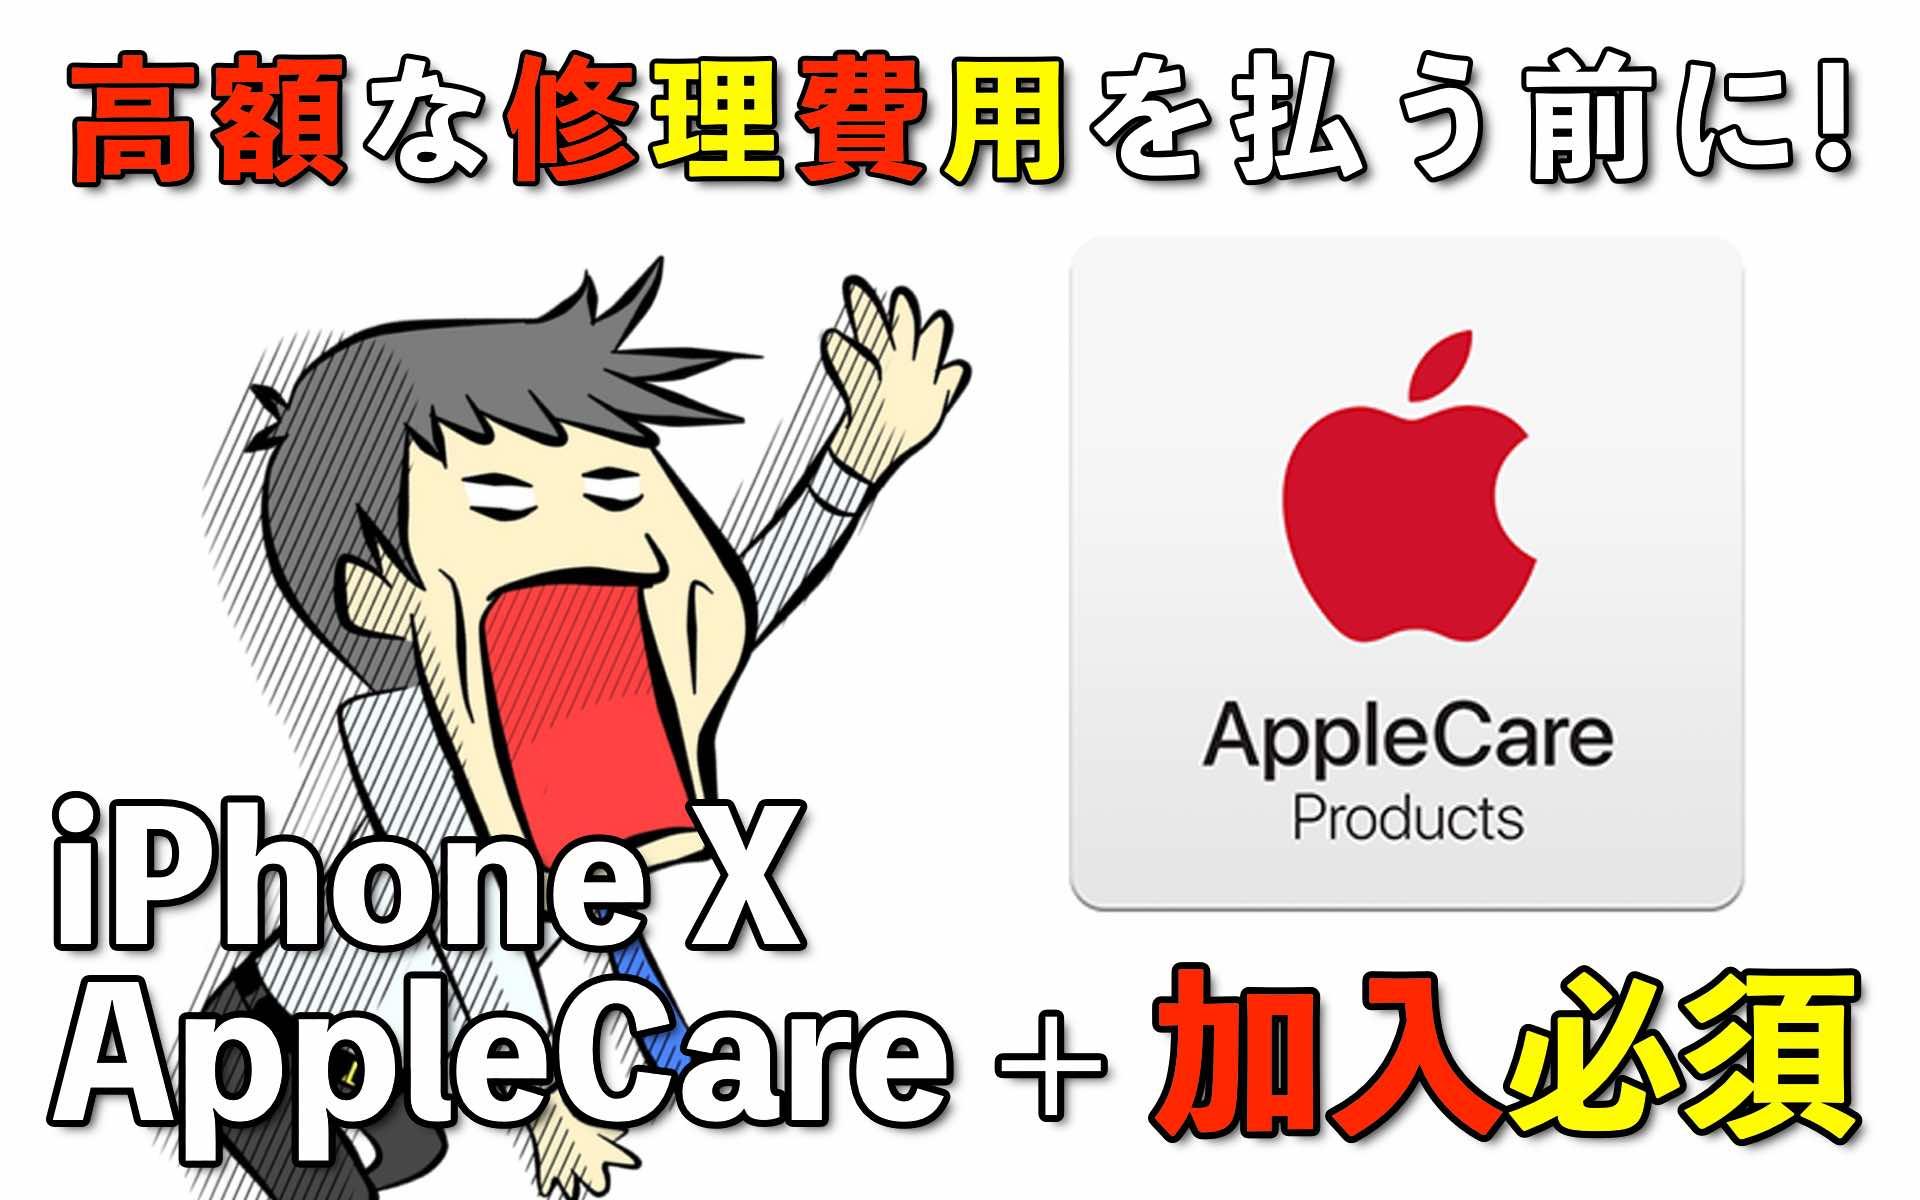 Applecare+iPhoneアイキャッチ